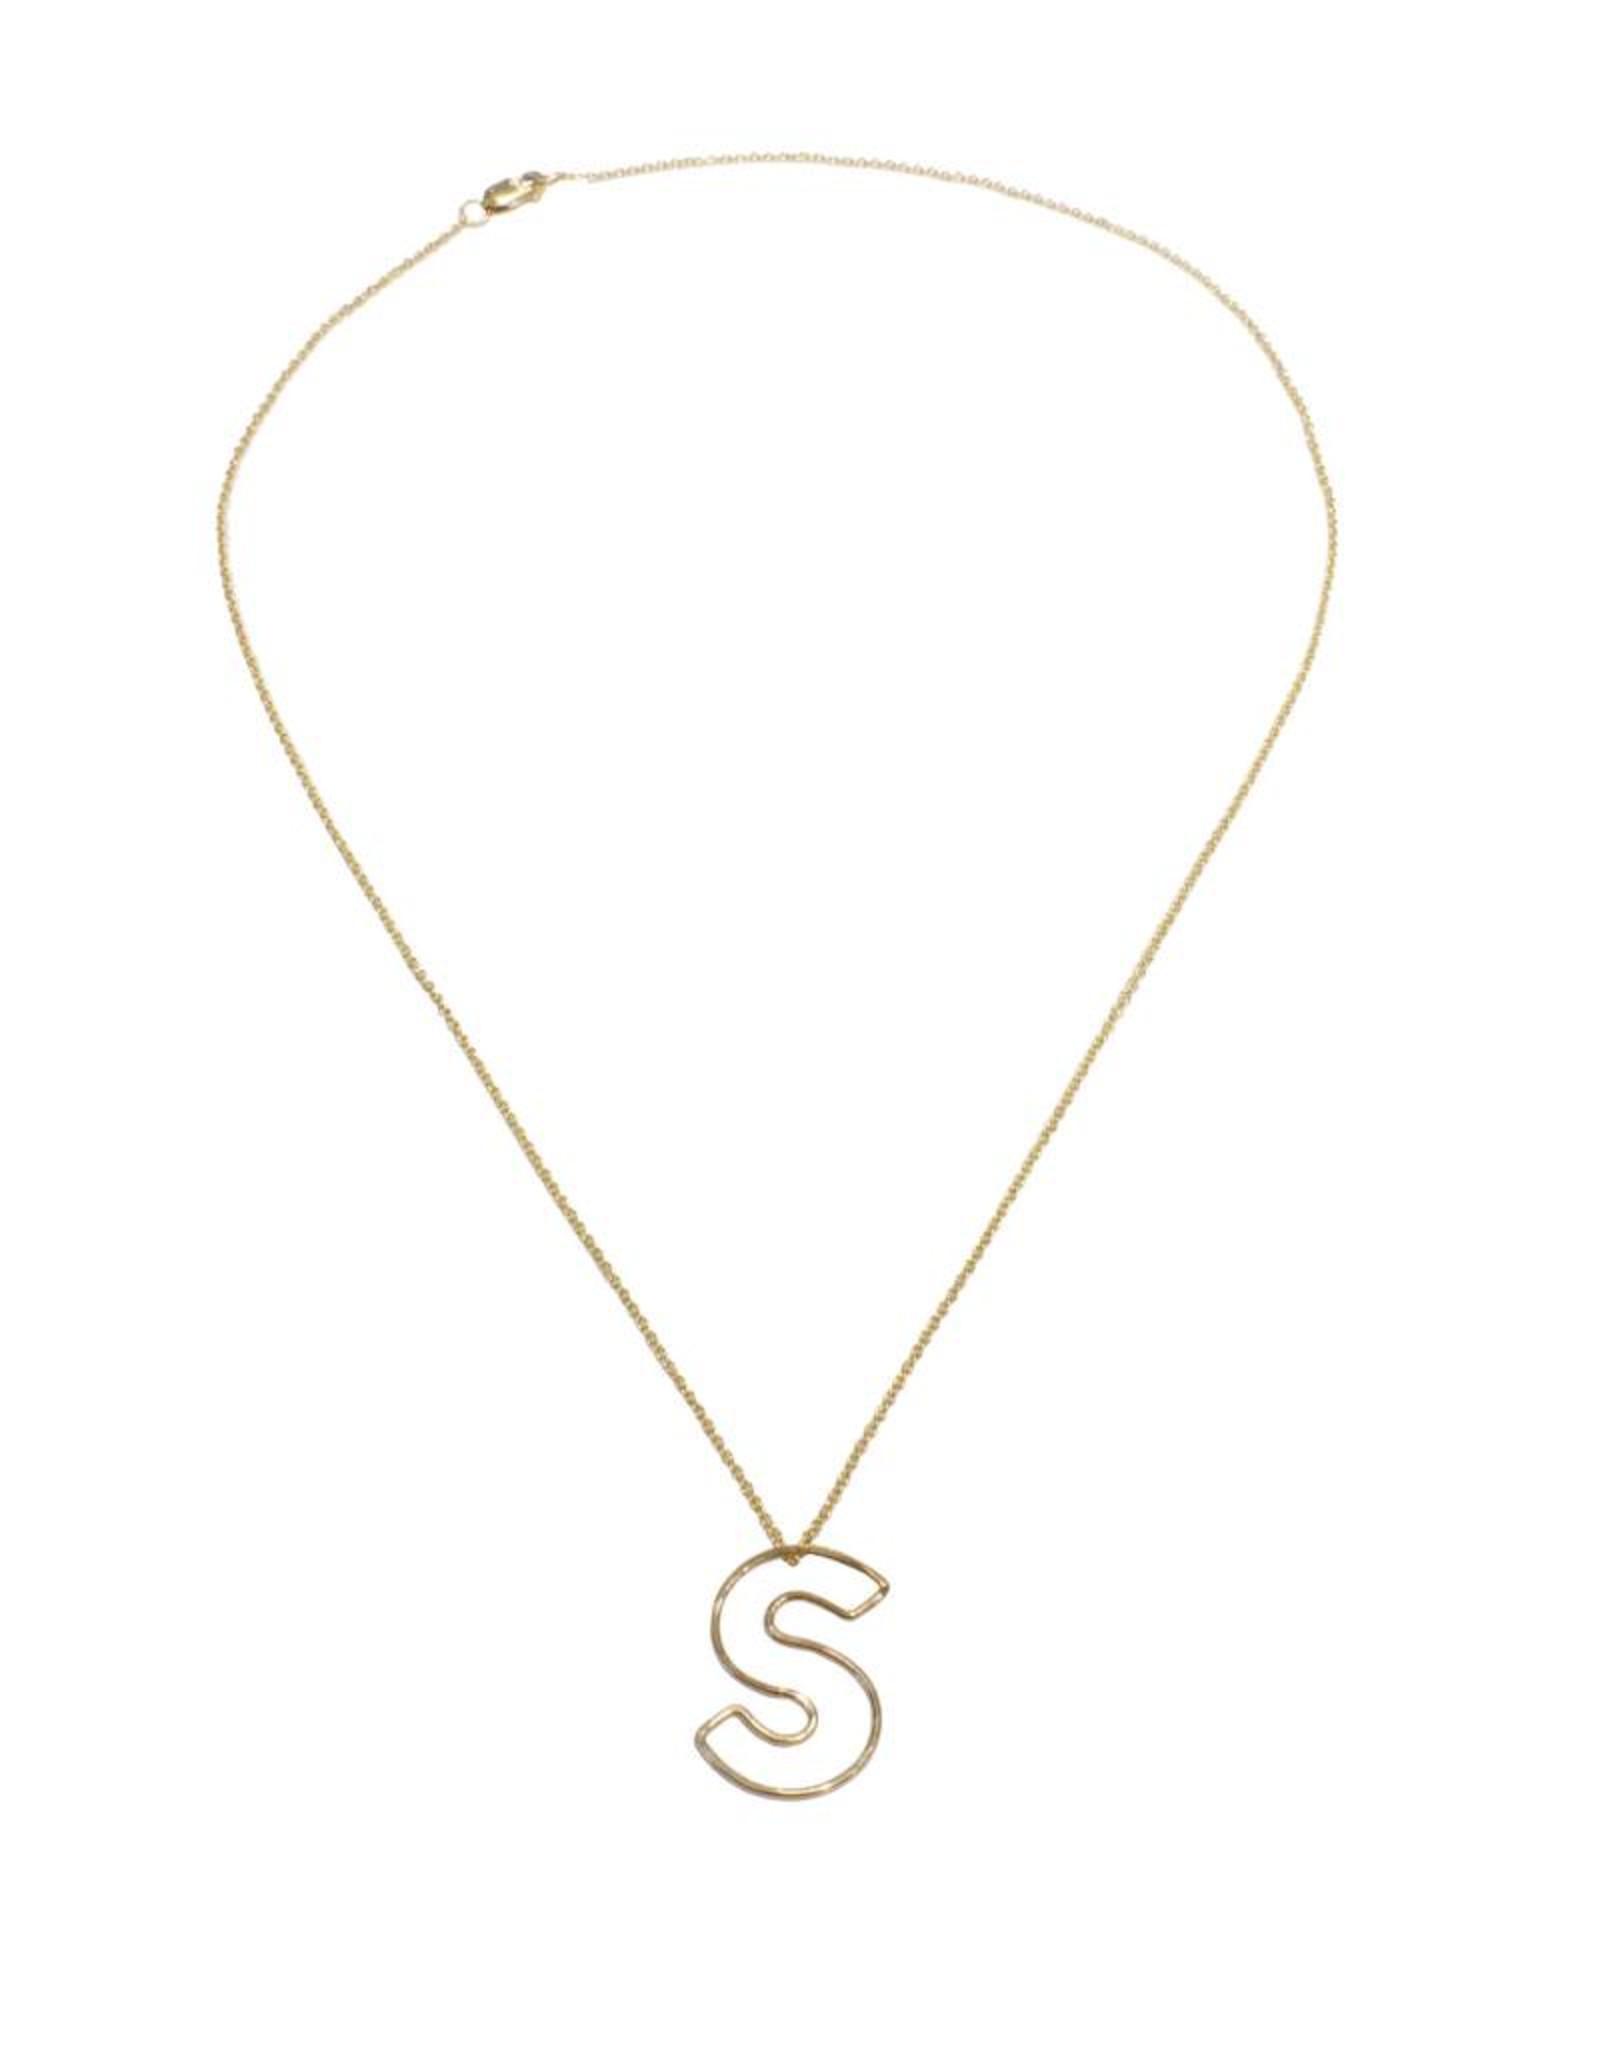 Gauge NYC Mini Bubble Letter Necklace - S